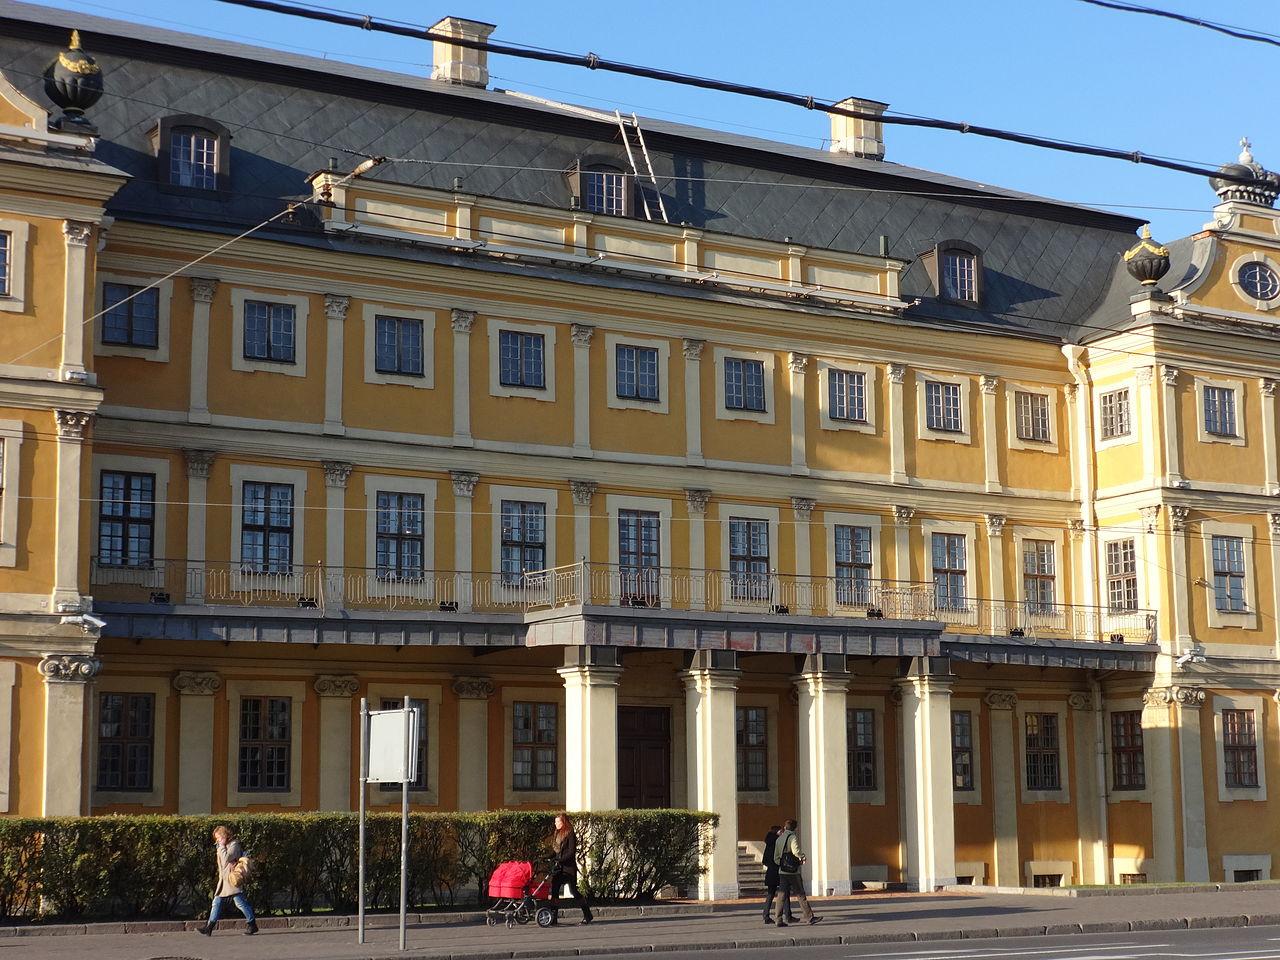 Дворец Меншикова, фасад